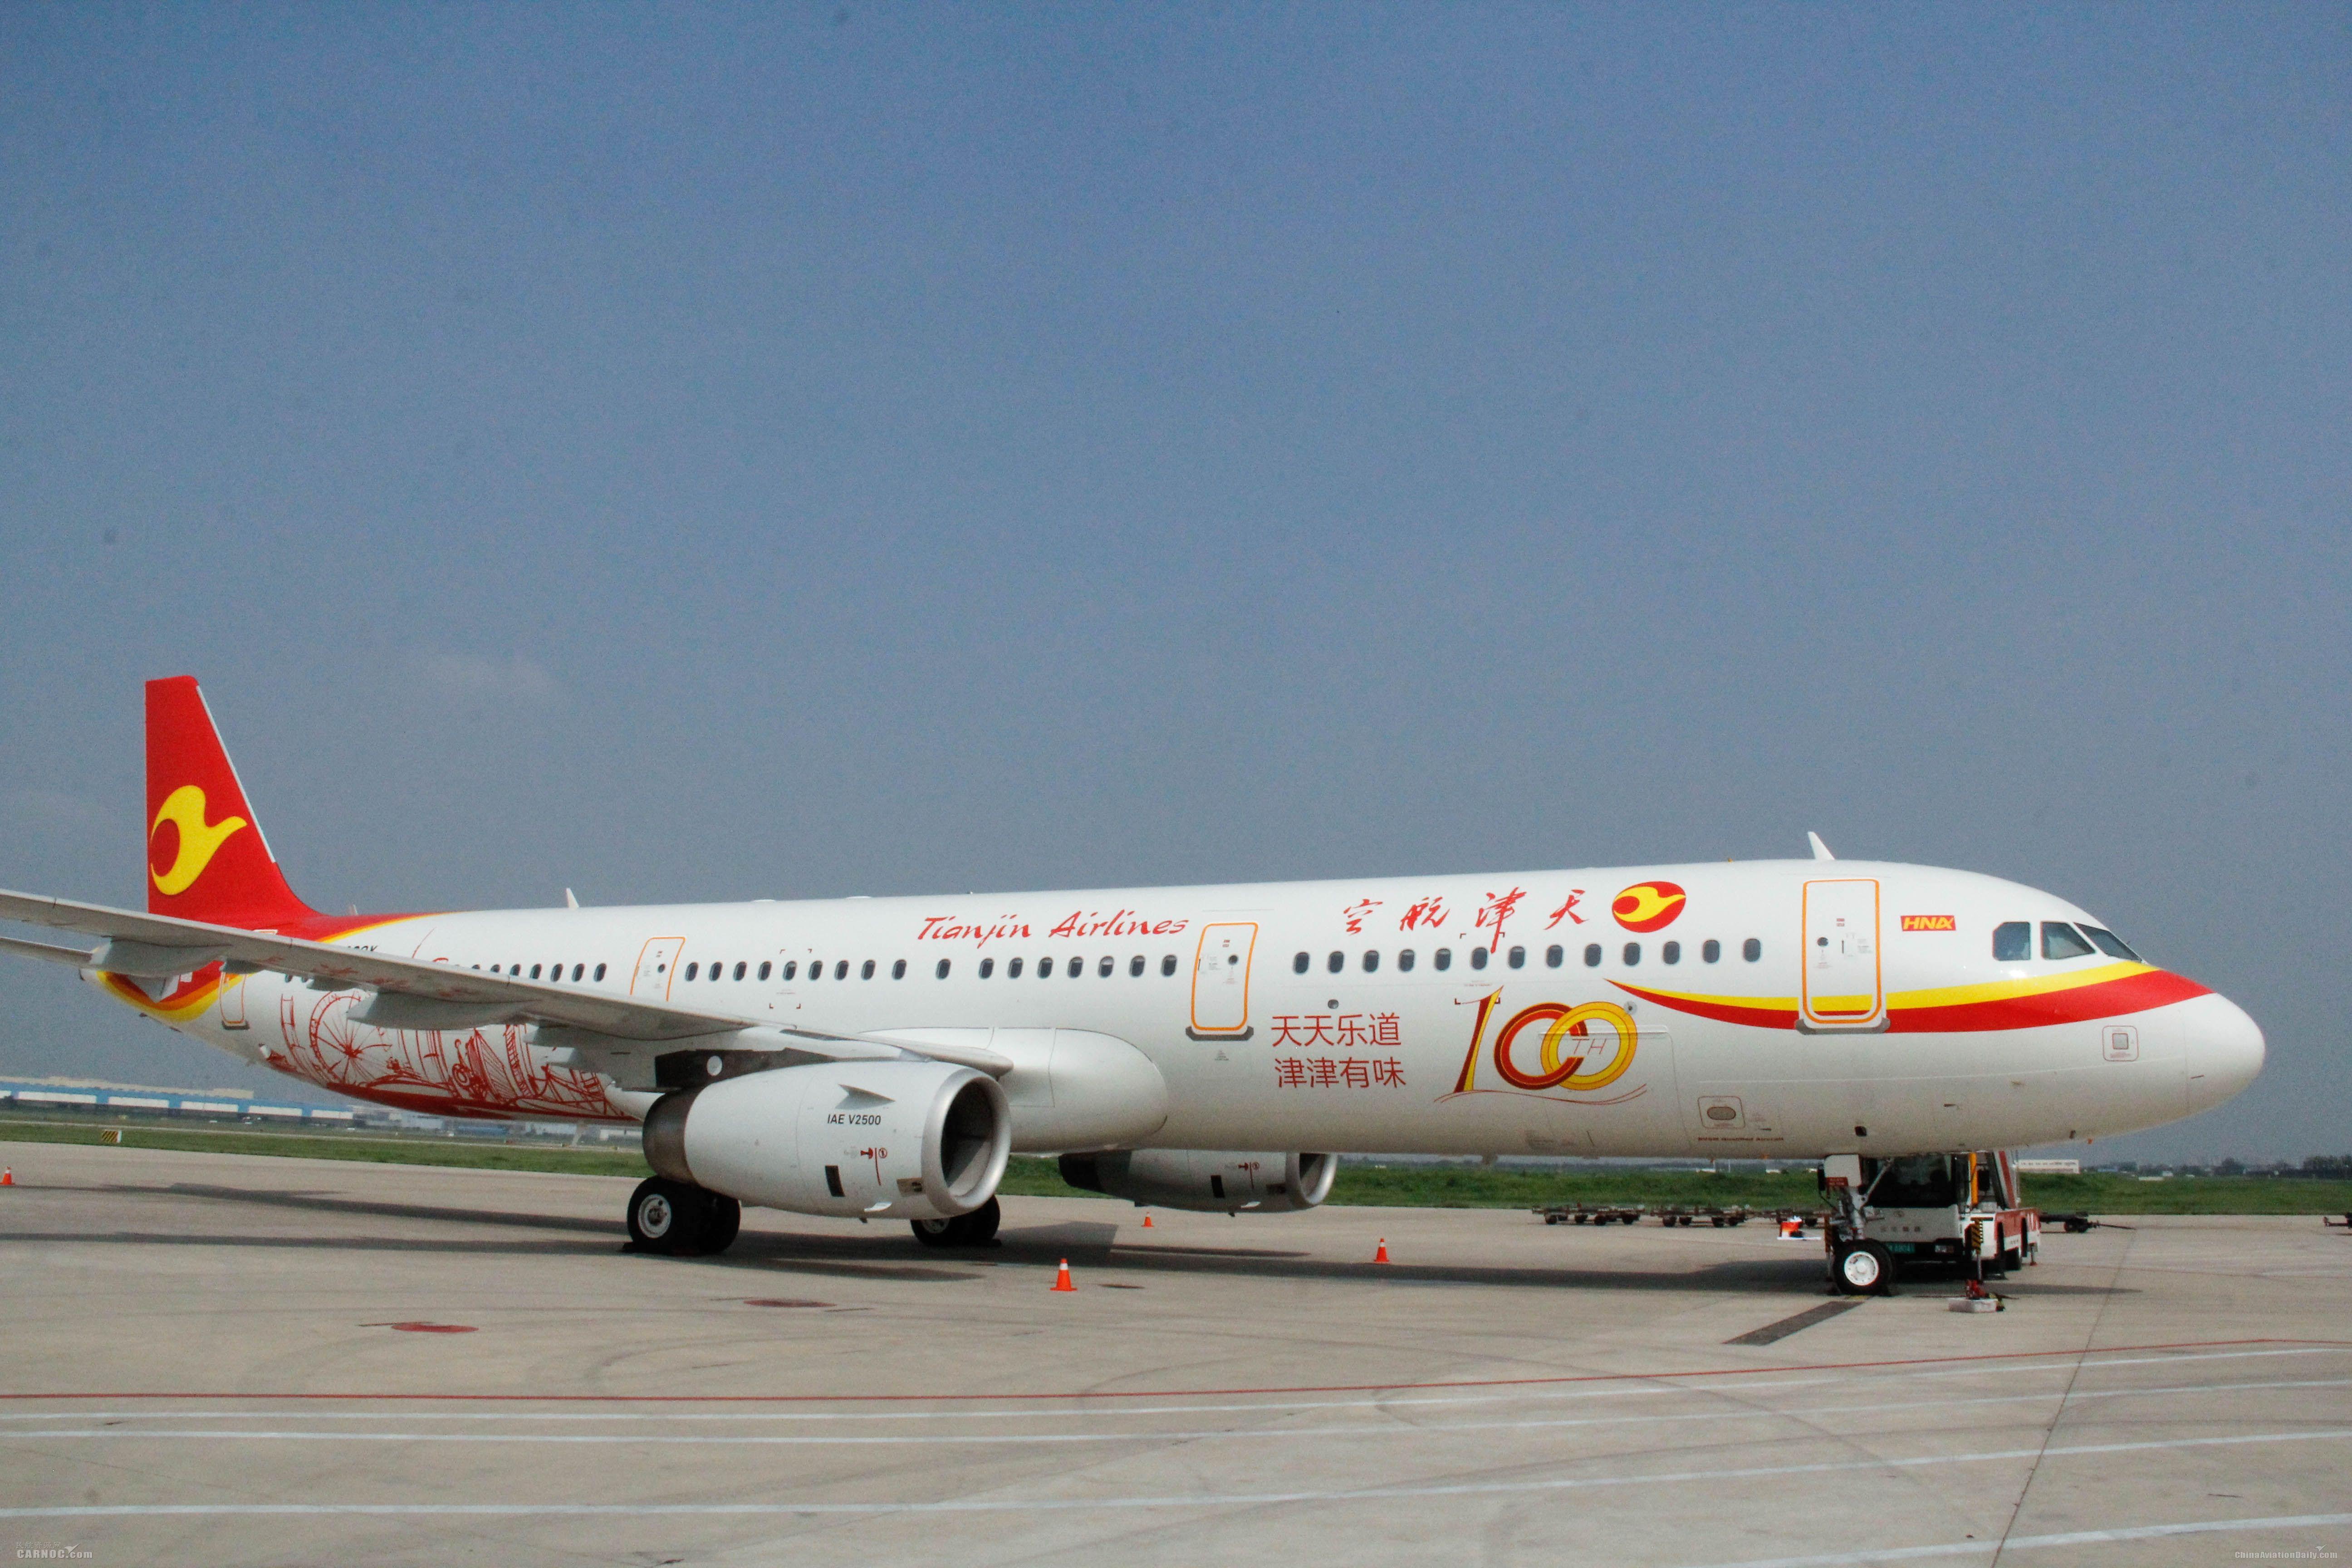 天津航空连续安全运行12年